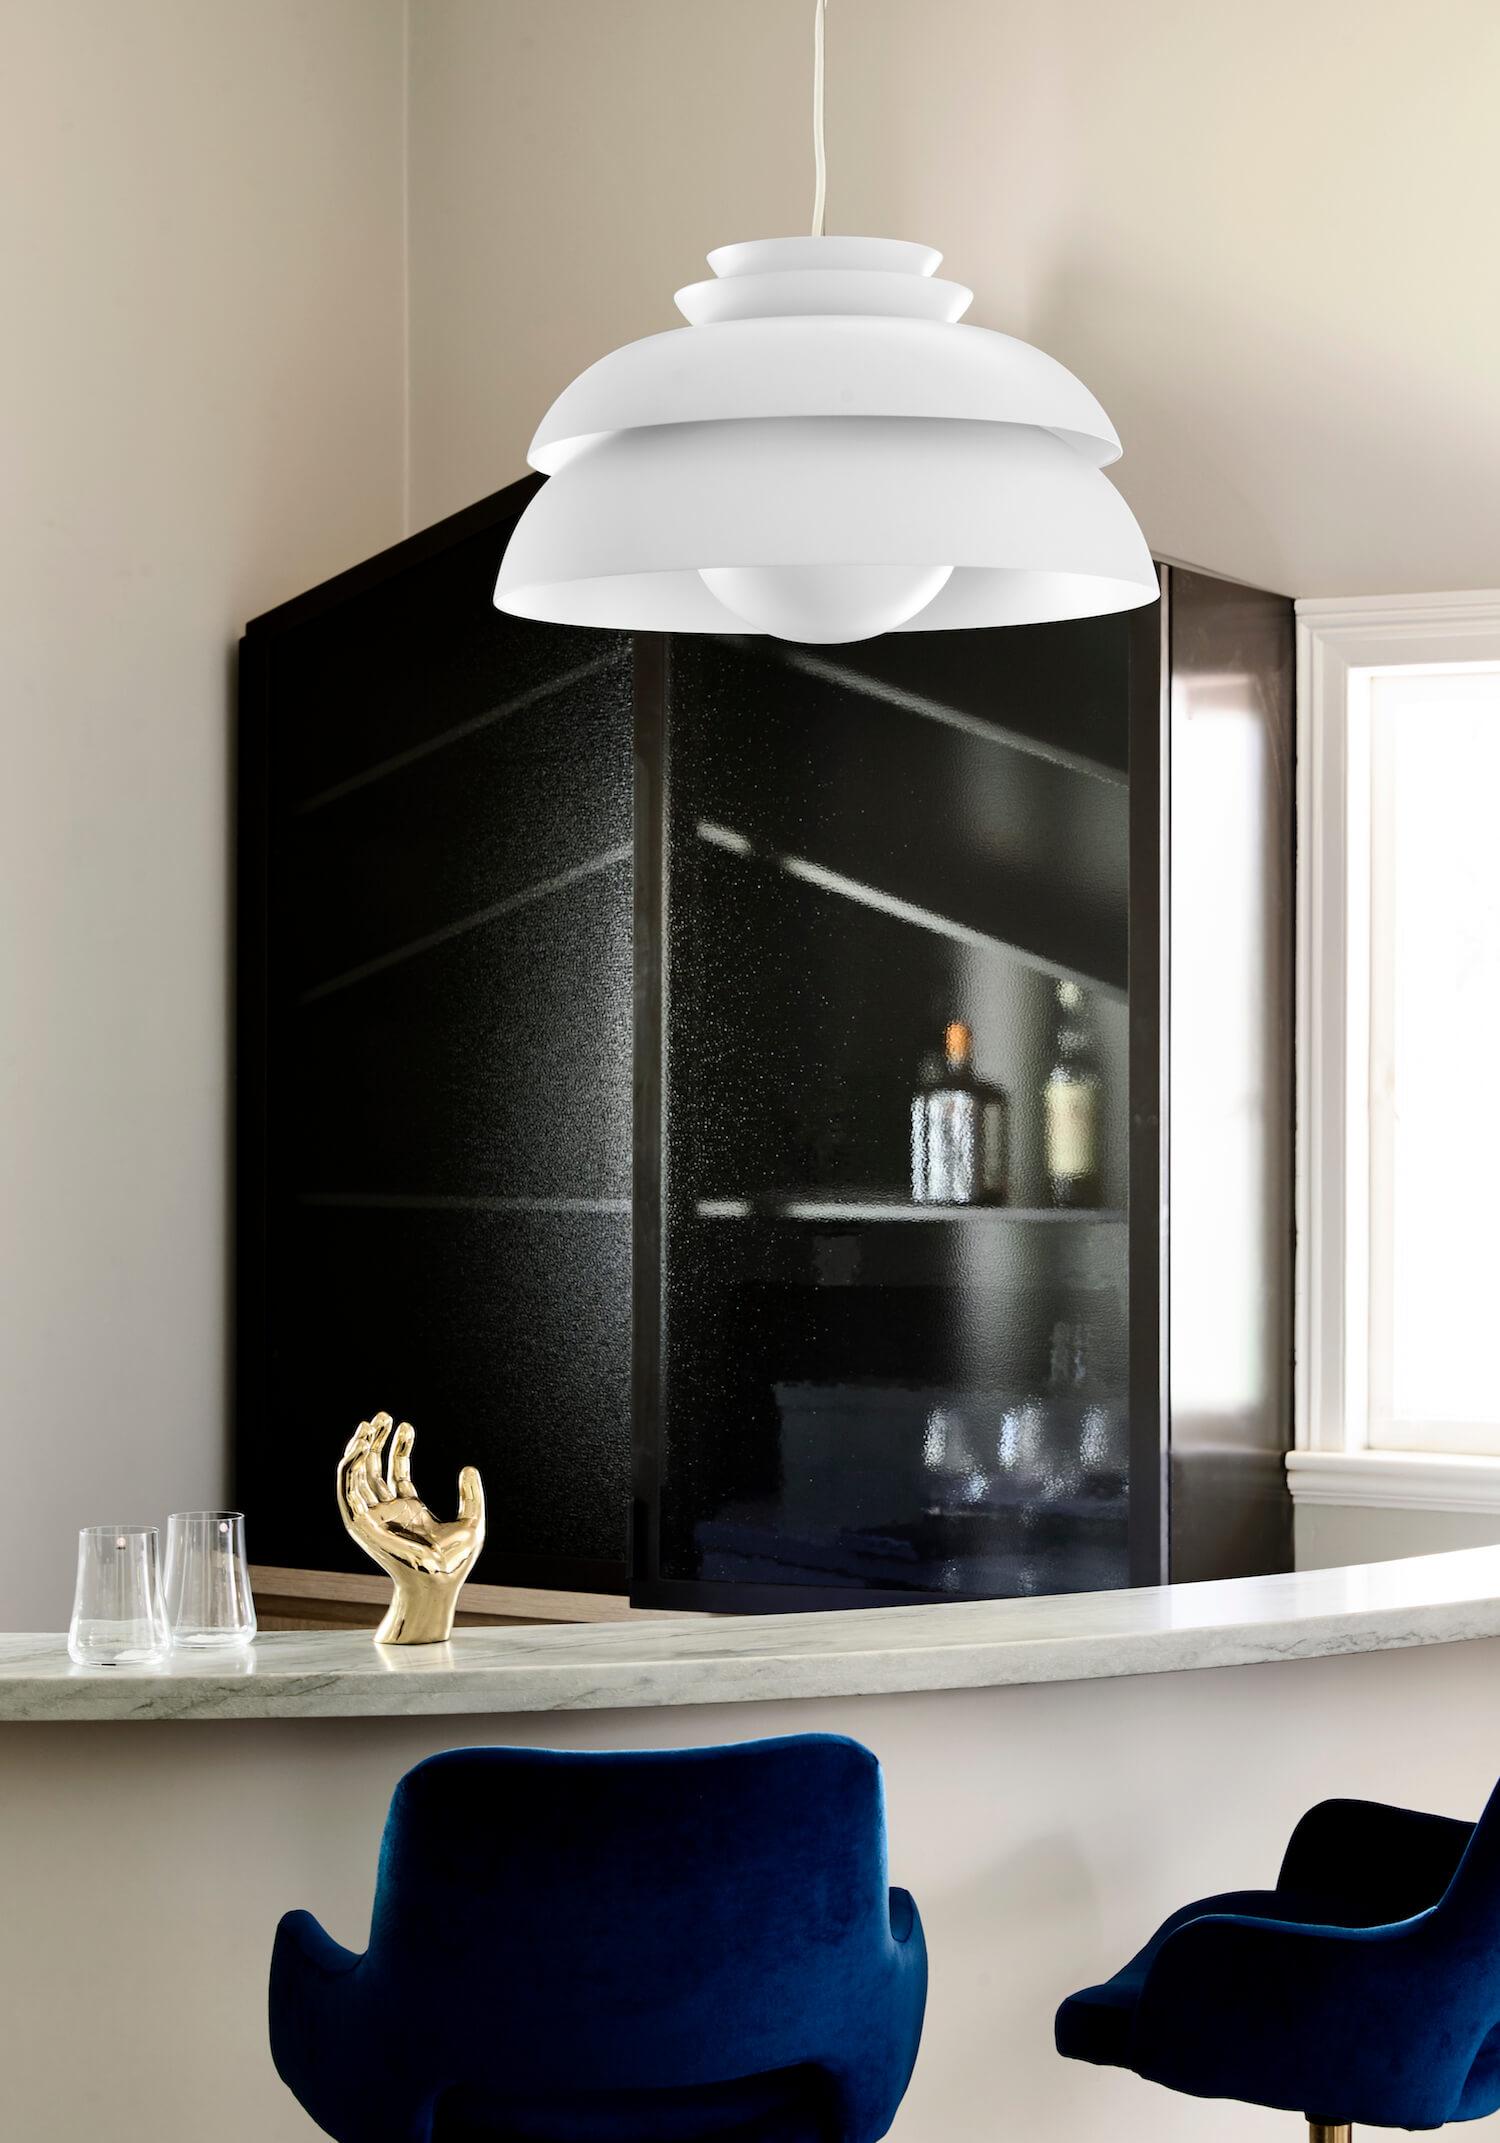 est living designer interview mardi doherty design studio ivanhoe res derek swalwell 4